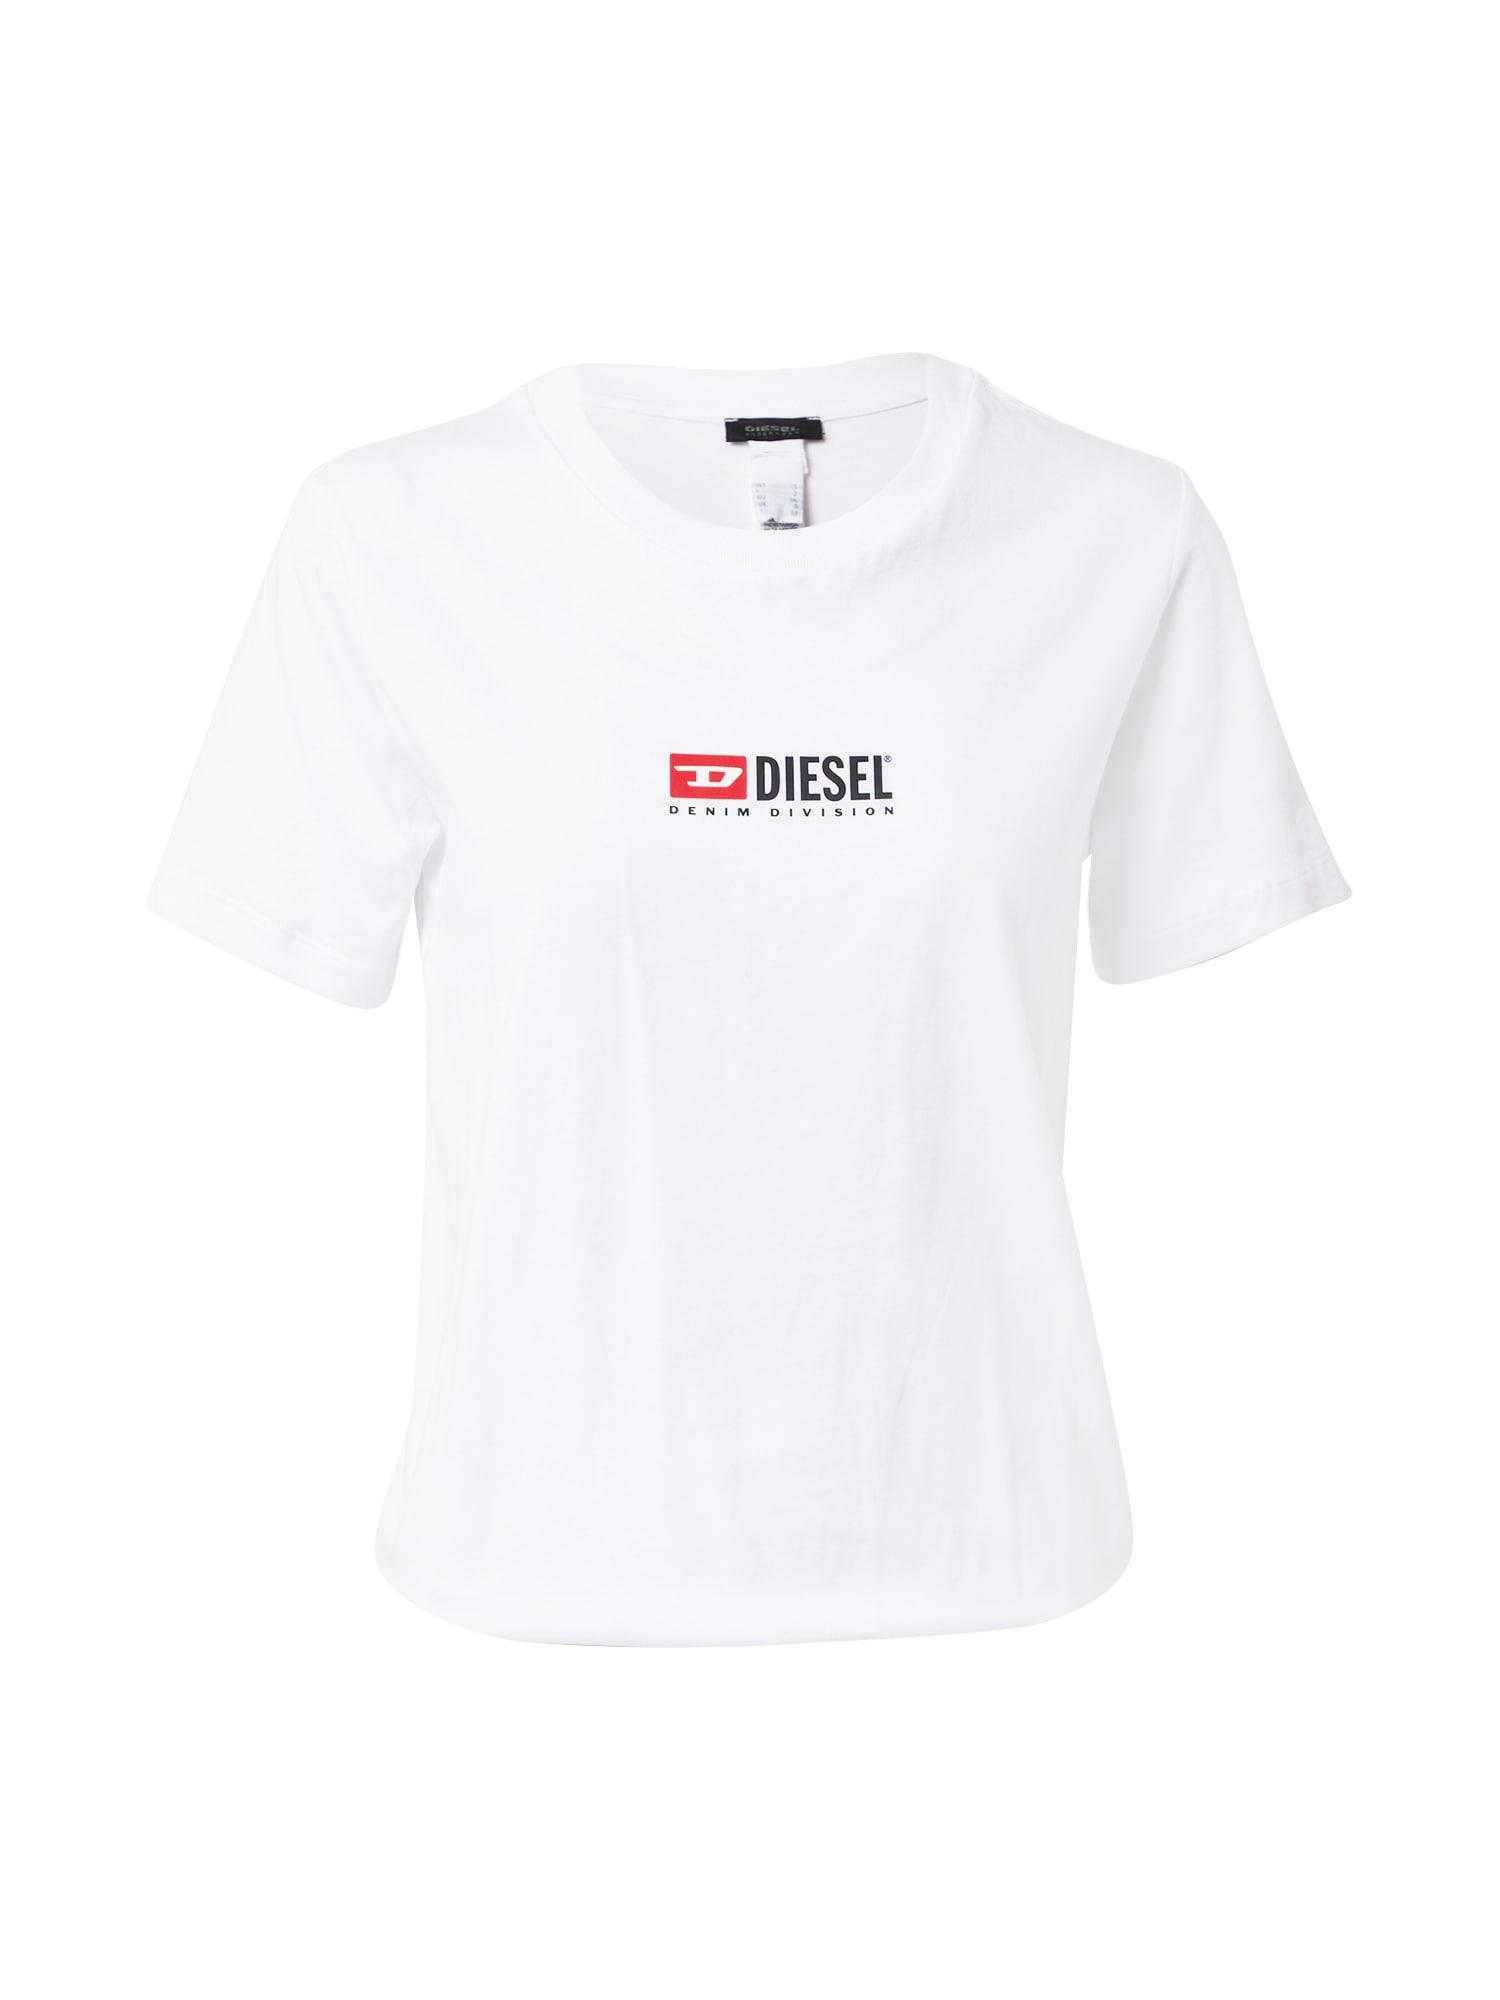 DIESEL Marškinėliai-glaustinukė balta / juoda / šviesiai raudona